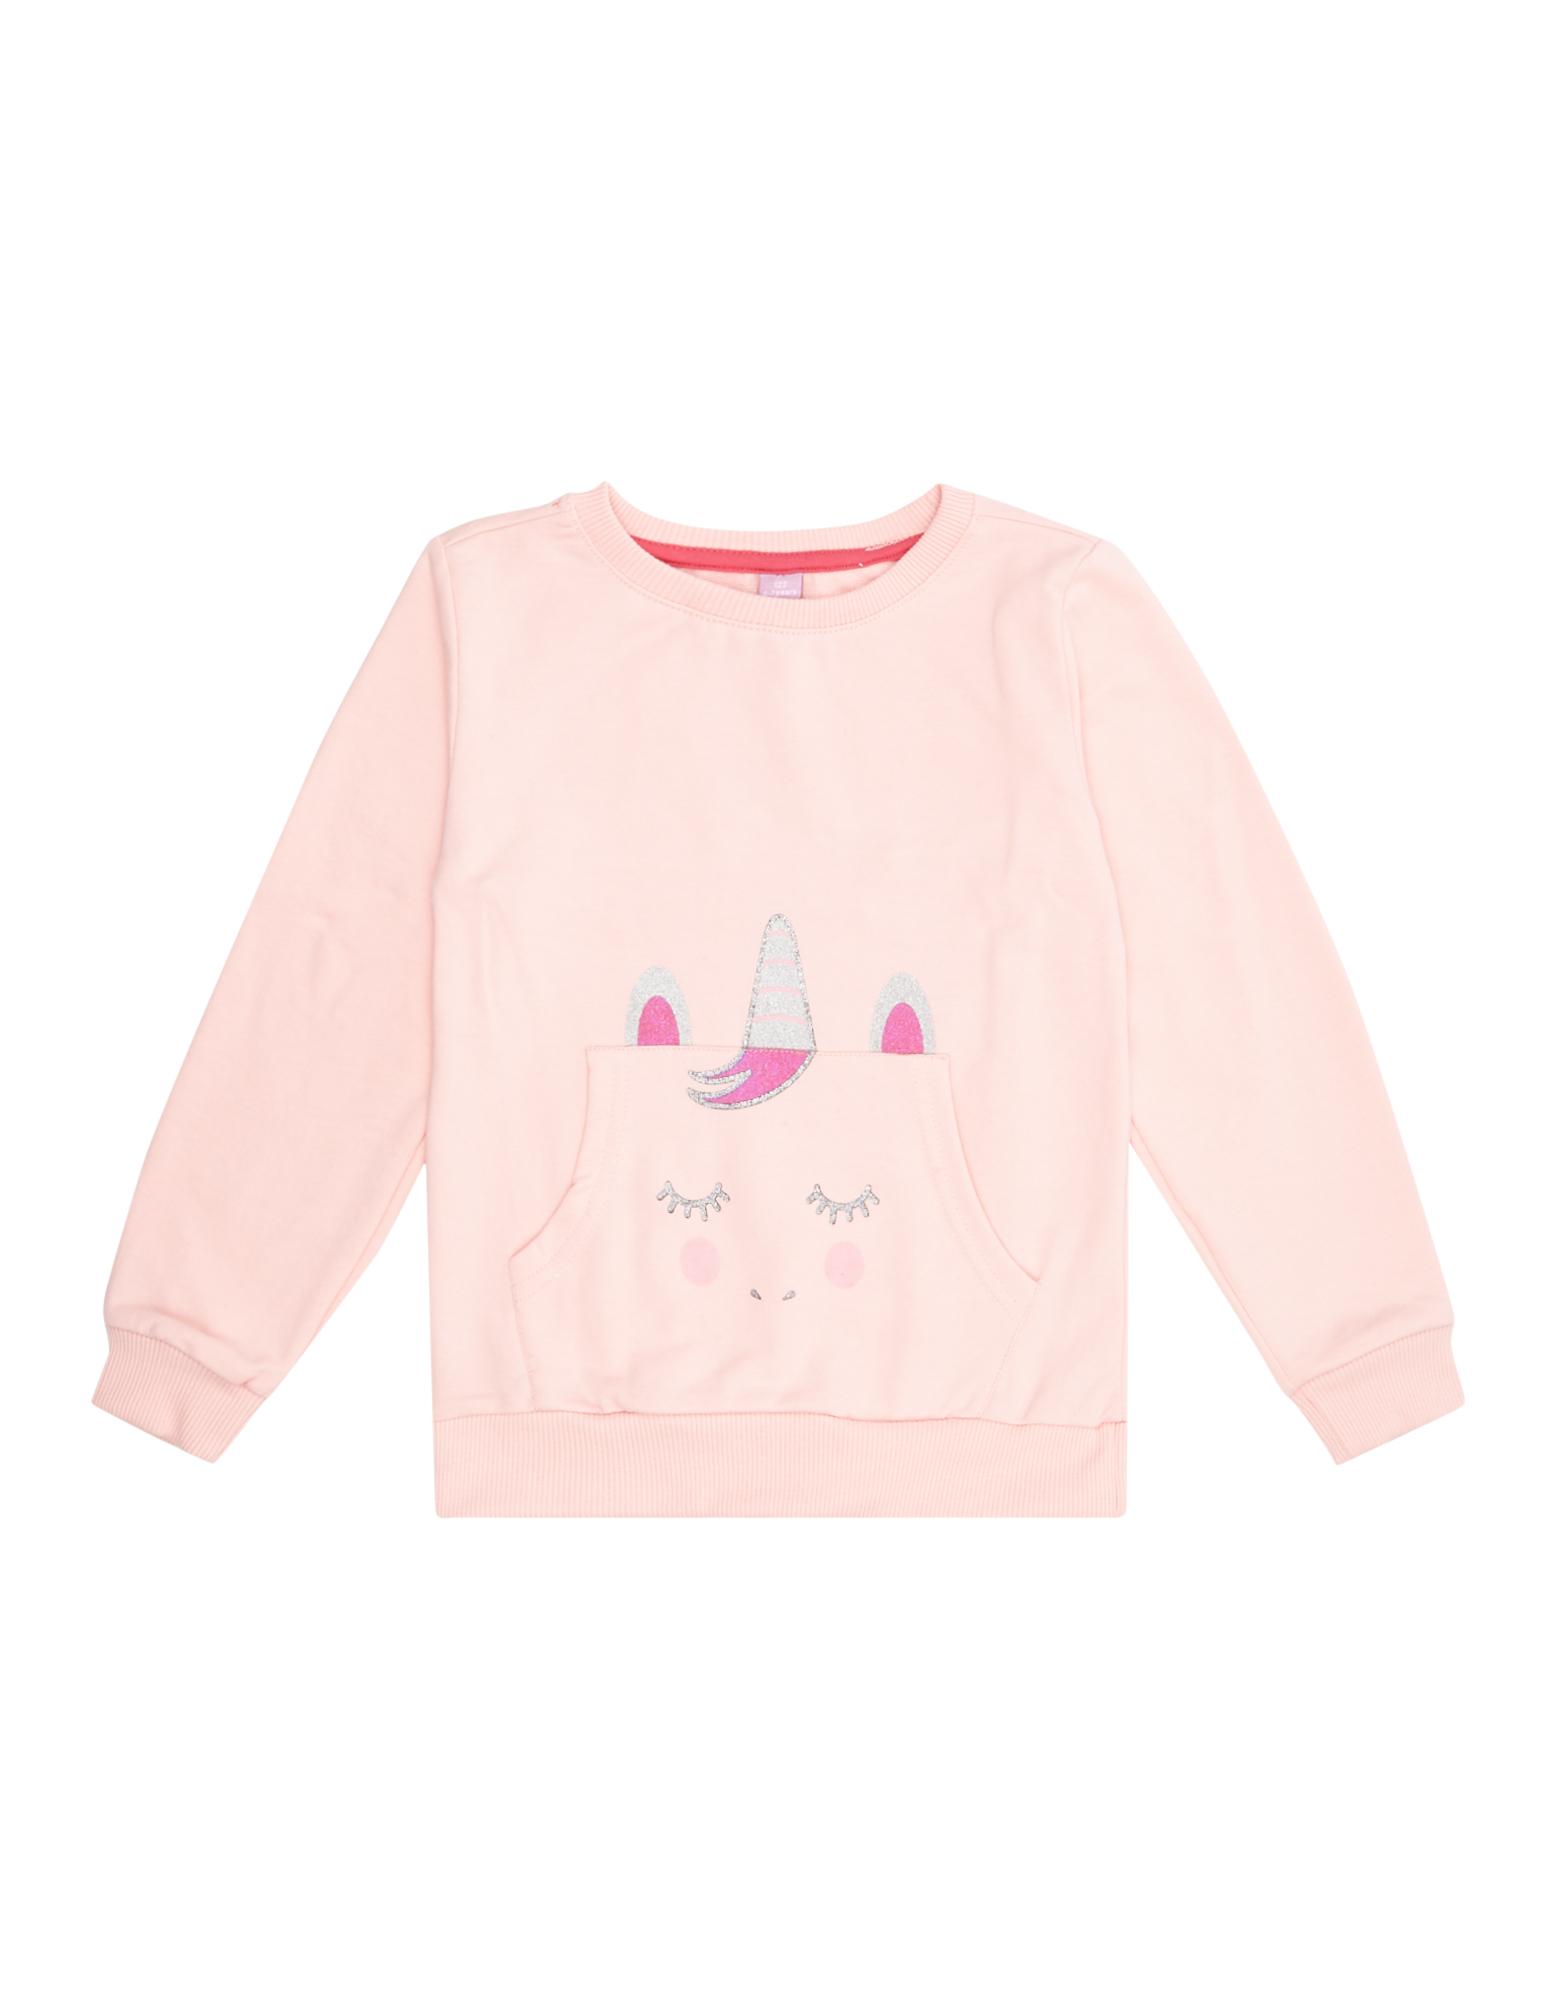 Mädchen Sweatshirt mit Einhorn-Print    81533494630408